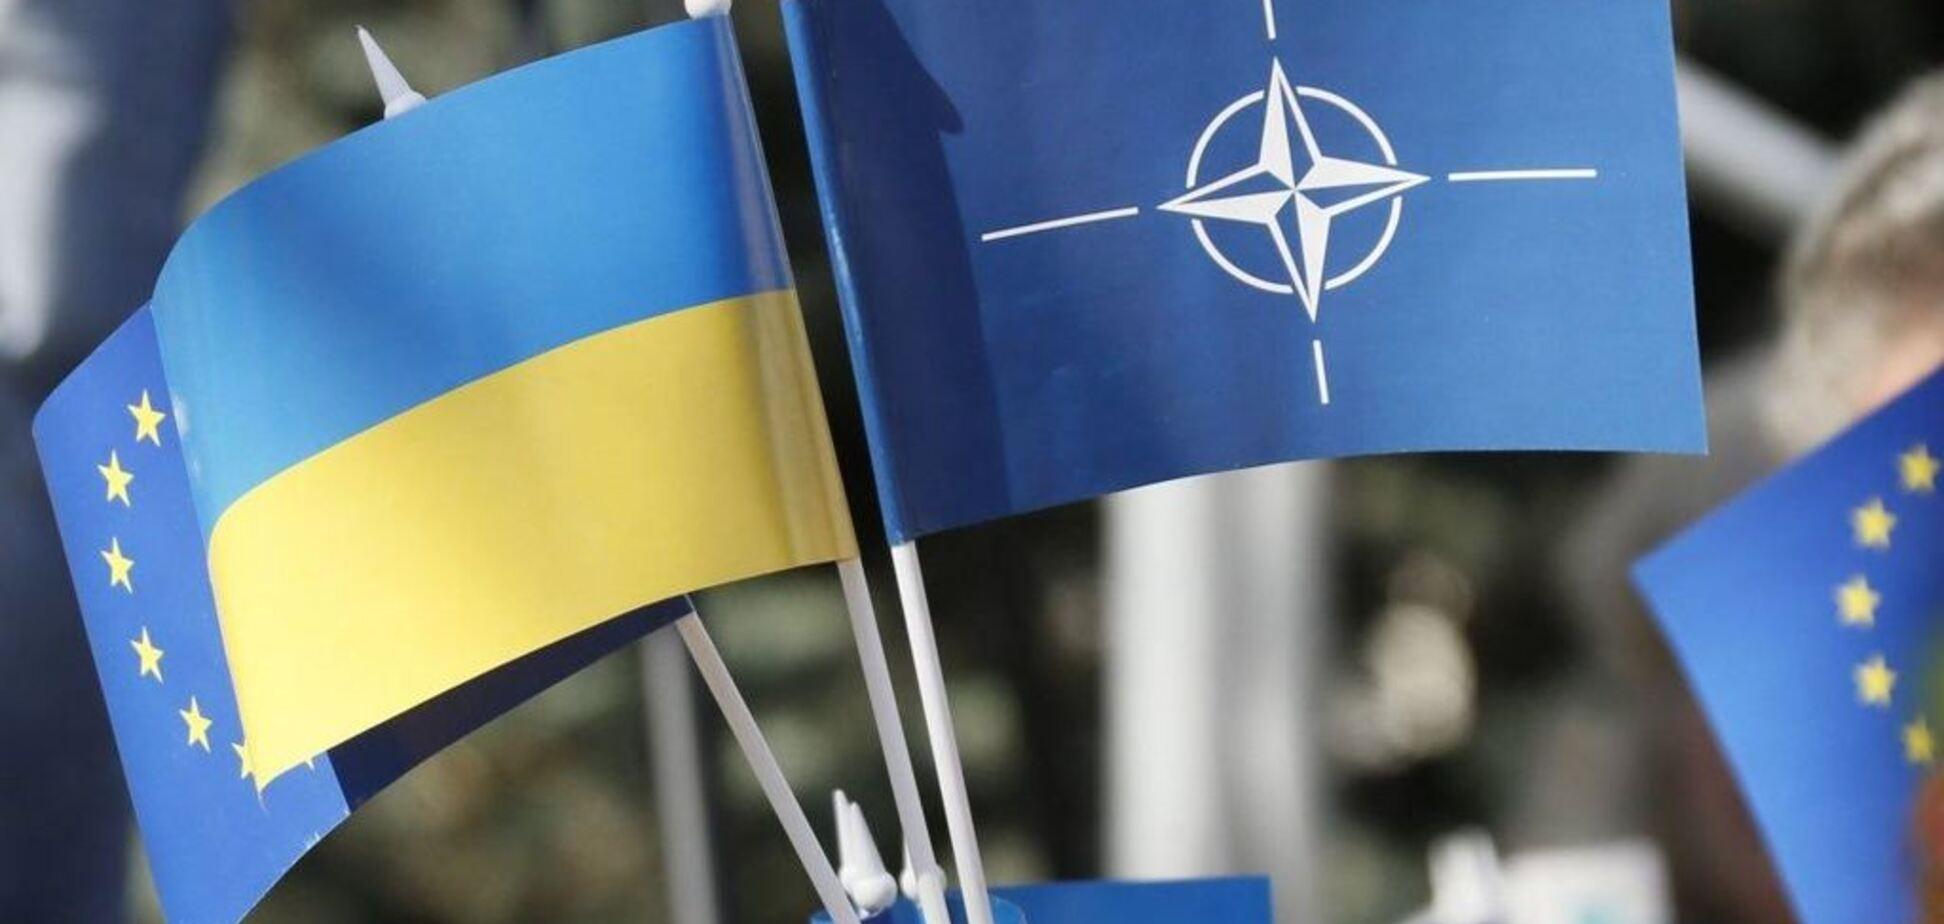 Україна - в НАТО і ЄС: навіщо Раду поставили перед історичним вибором